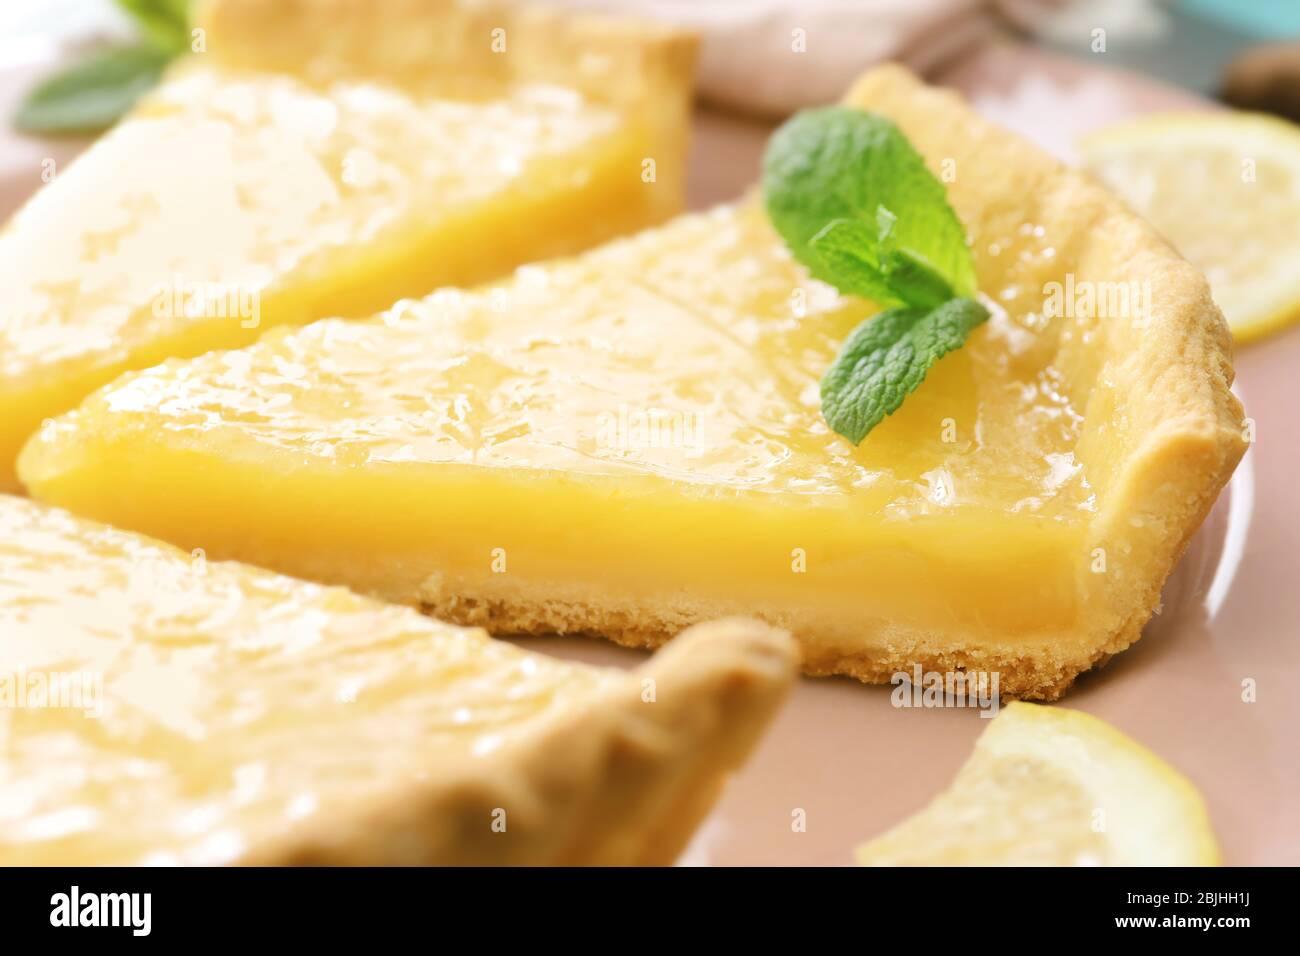 Stücke Zitronenkuchen auf Teller serviert Stockfoto